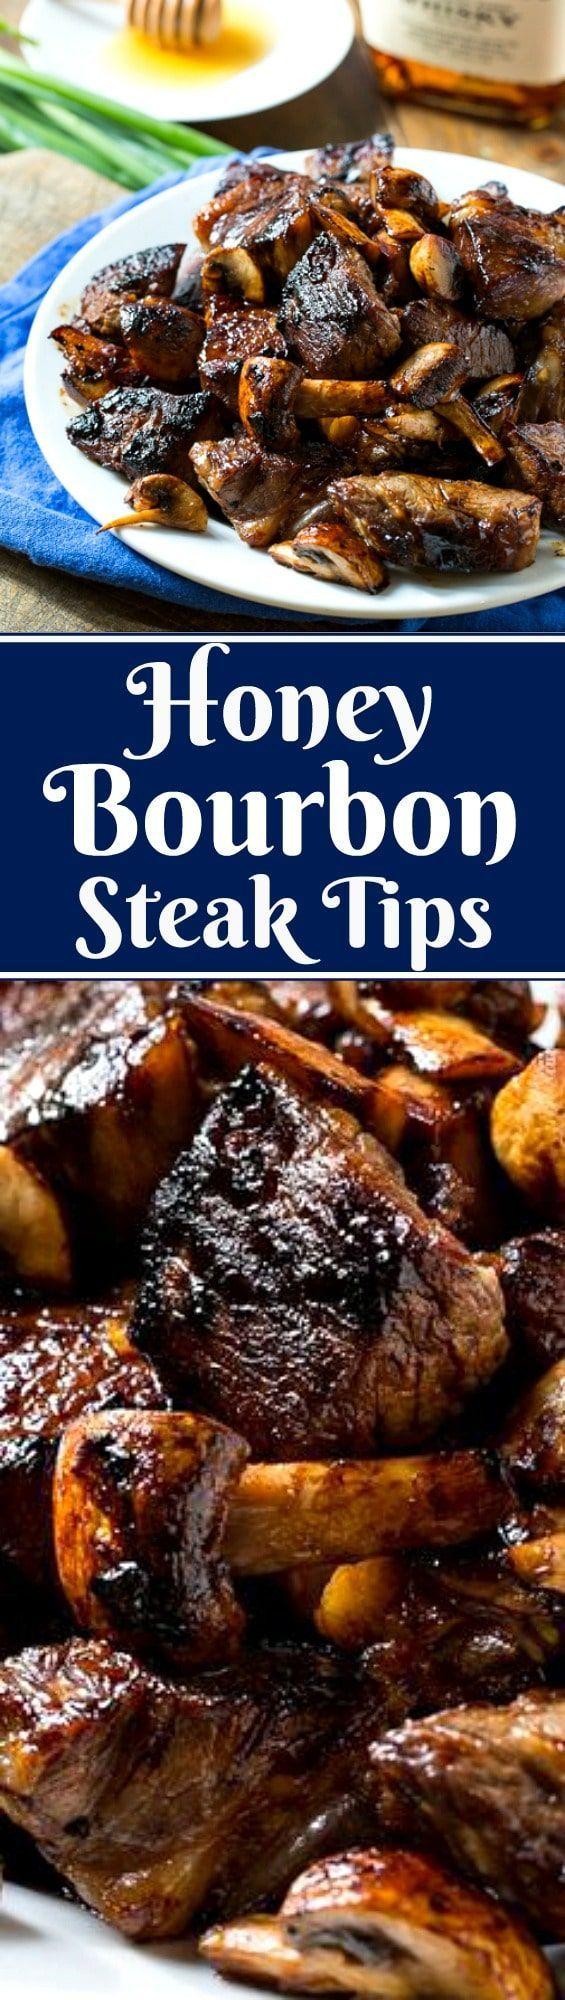 Honey Bourbon Steak Tips (sparkling apple cider instead of bourbon)